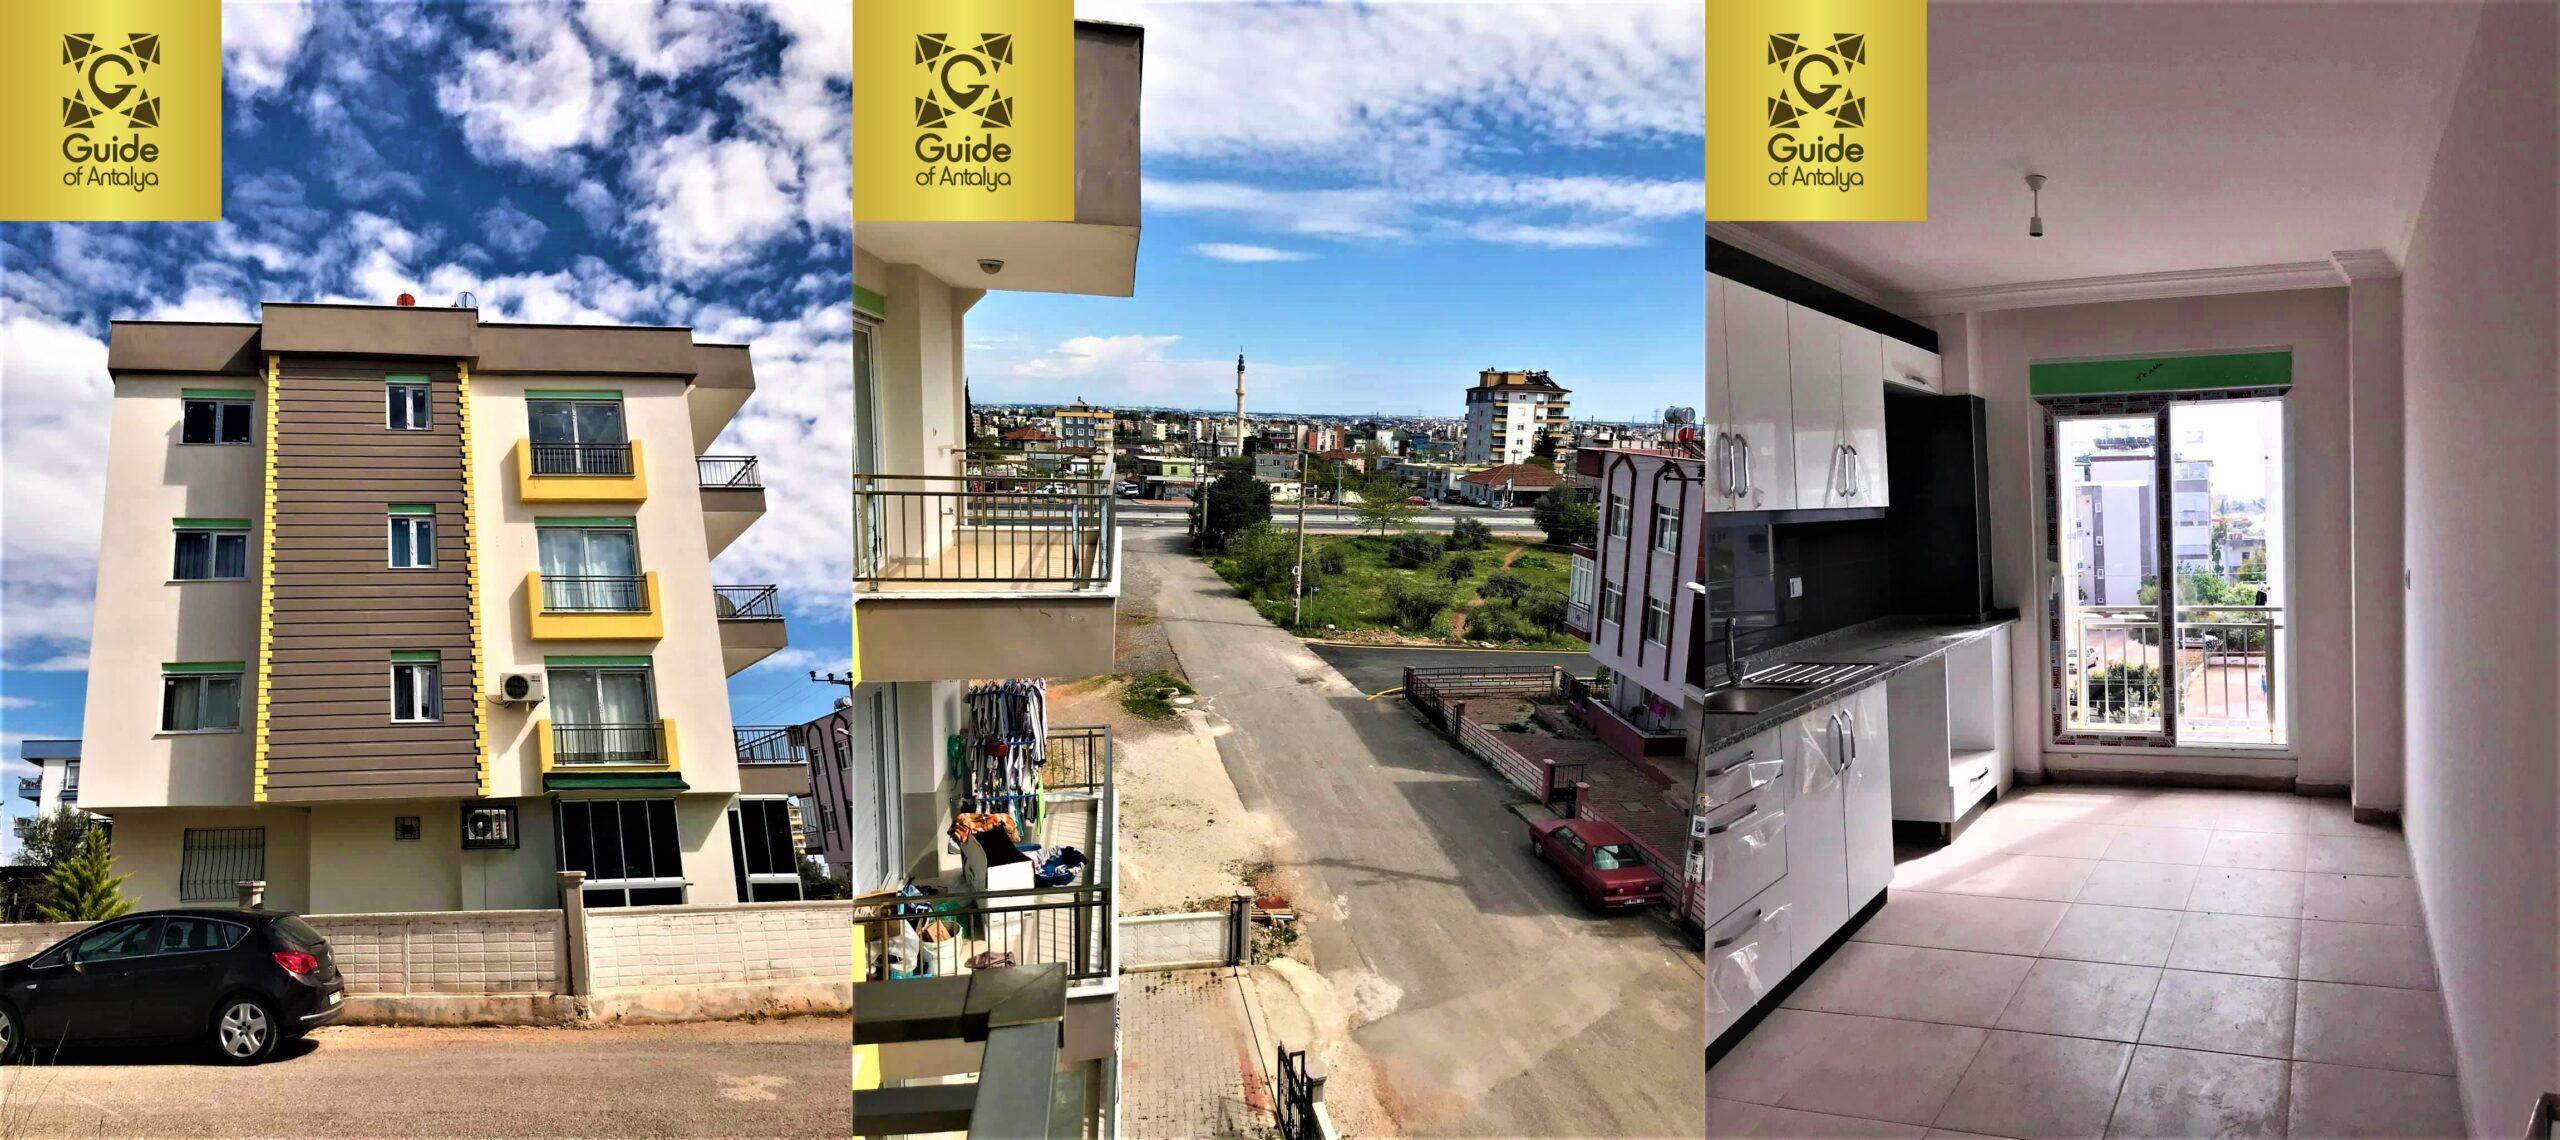 آپارتمان های فروشی تازه احداث شده در منطقه کپز، آنتالیا